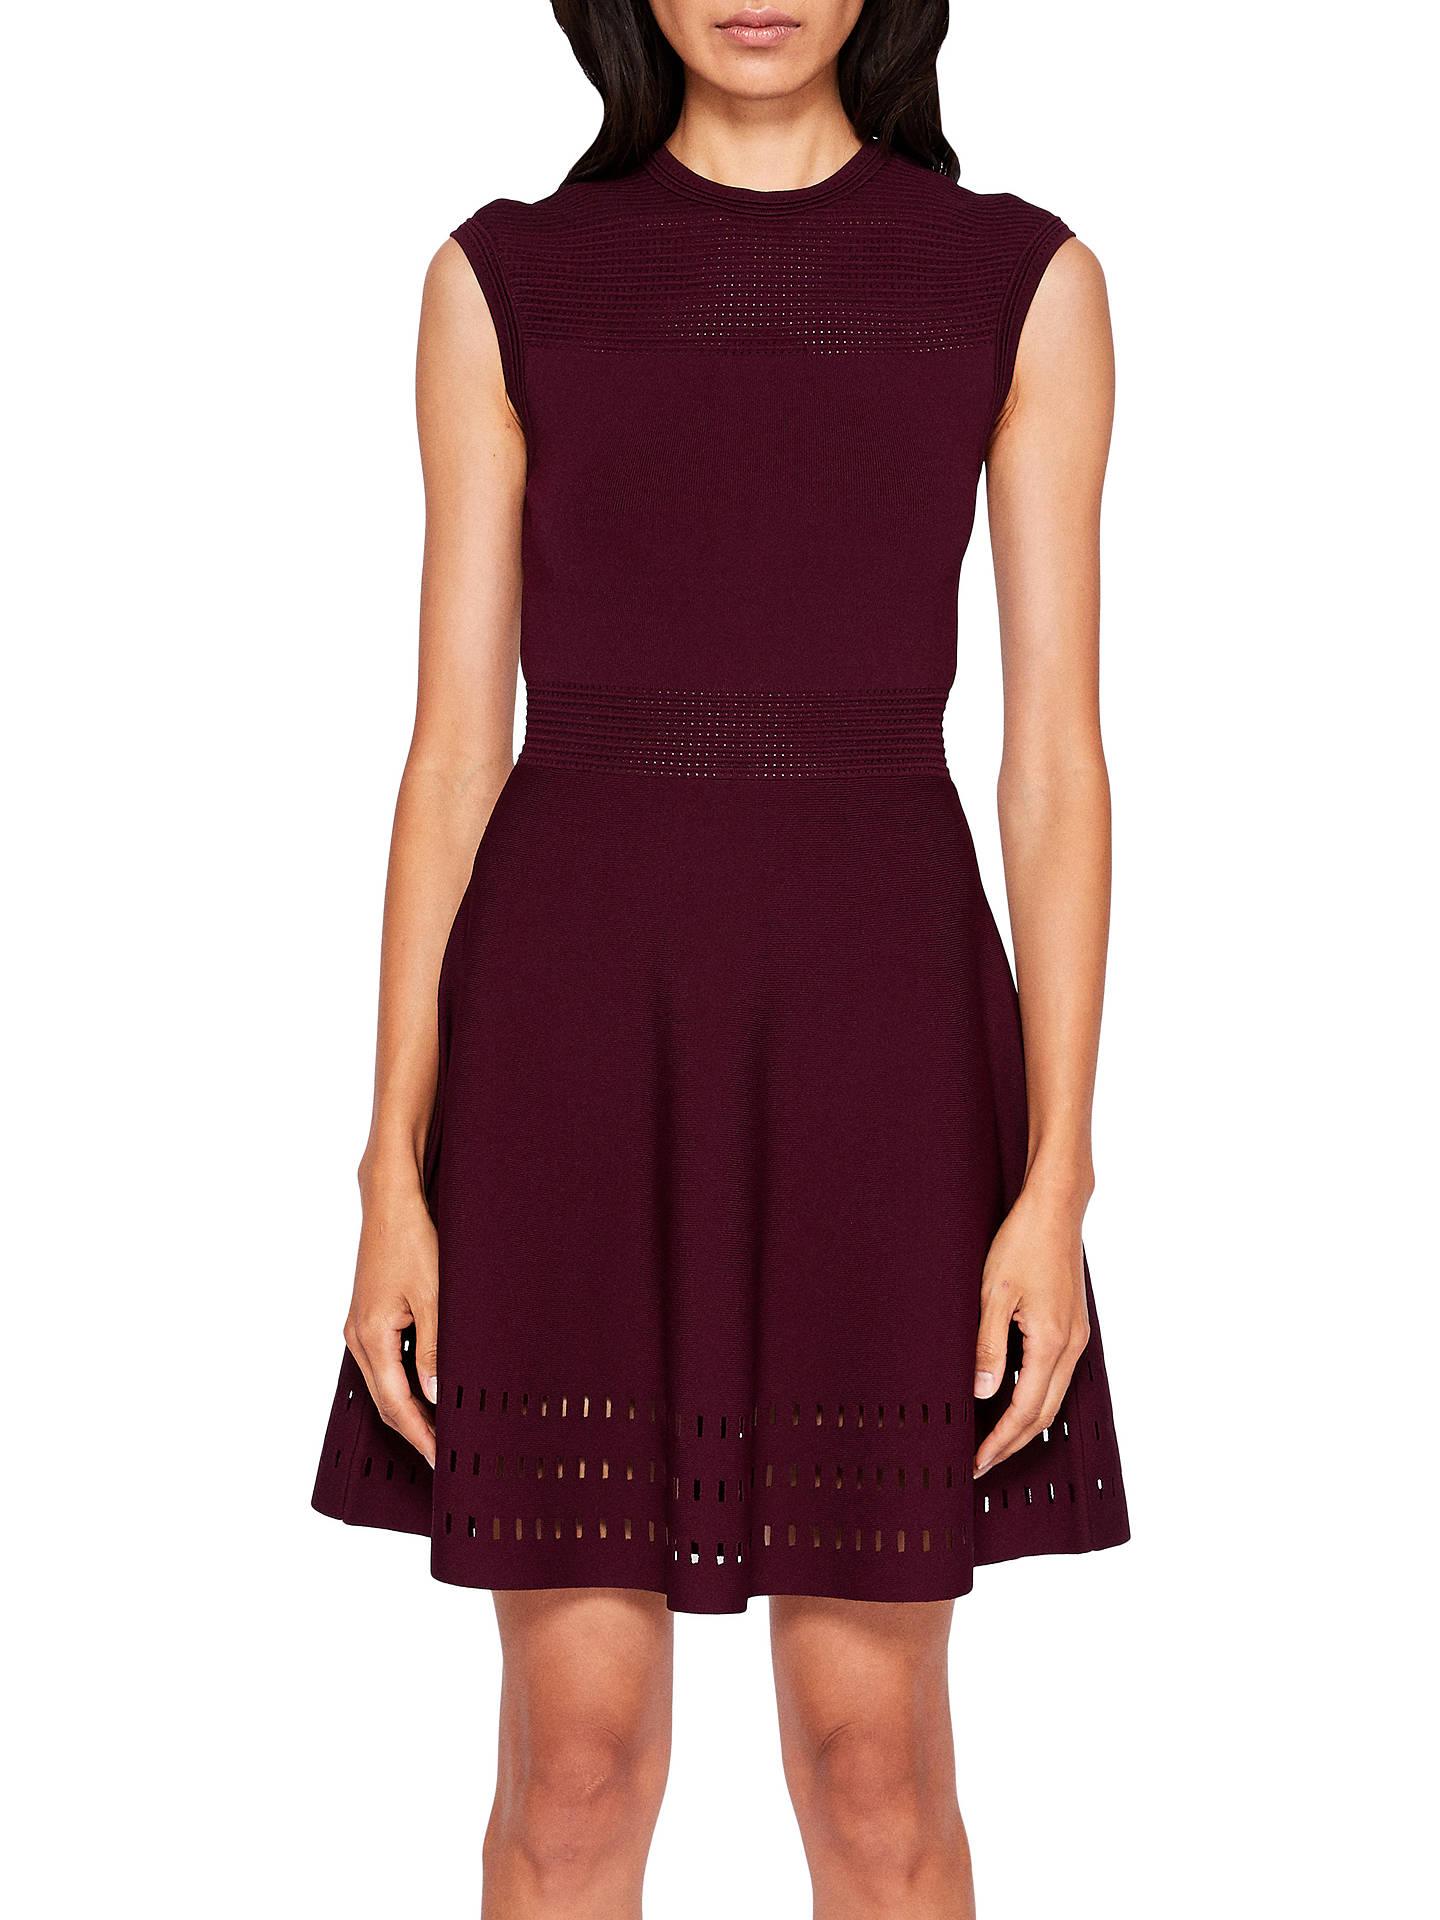 52c86b648b440 Buy Ted Baker Aurbray Knitted Skater Dress